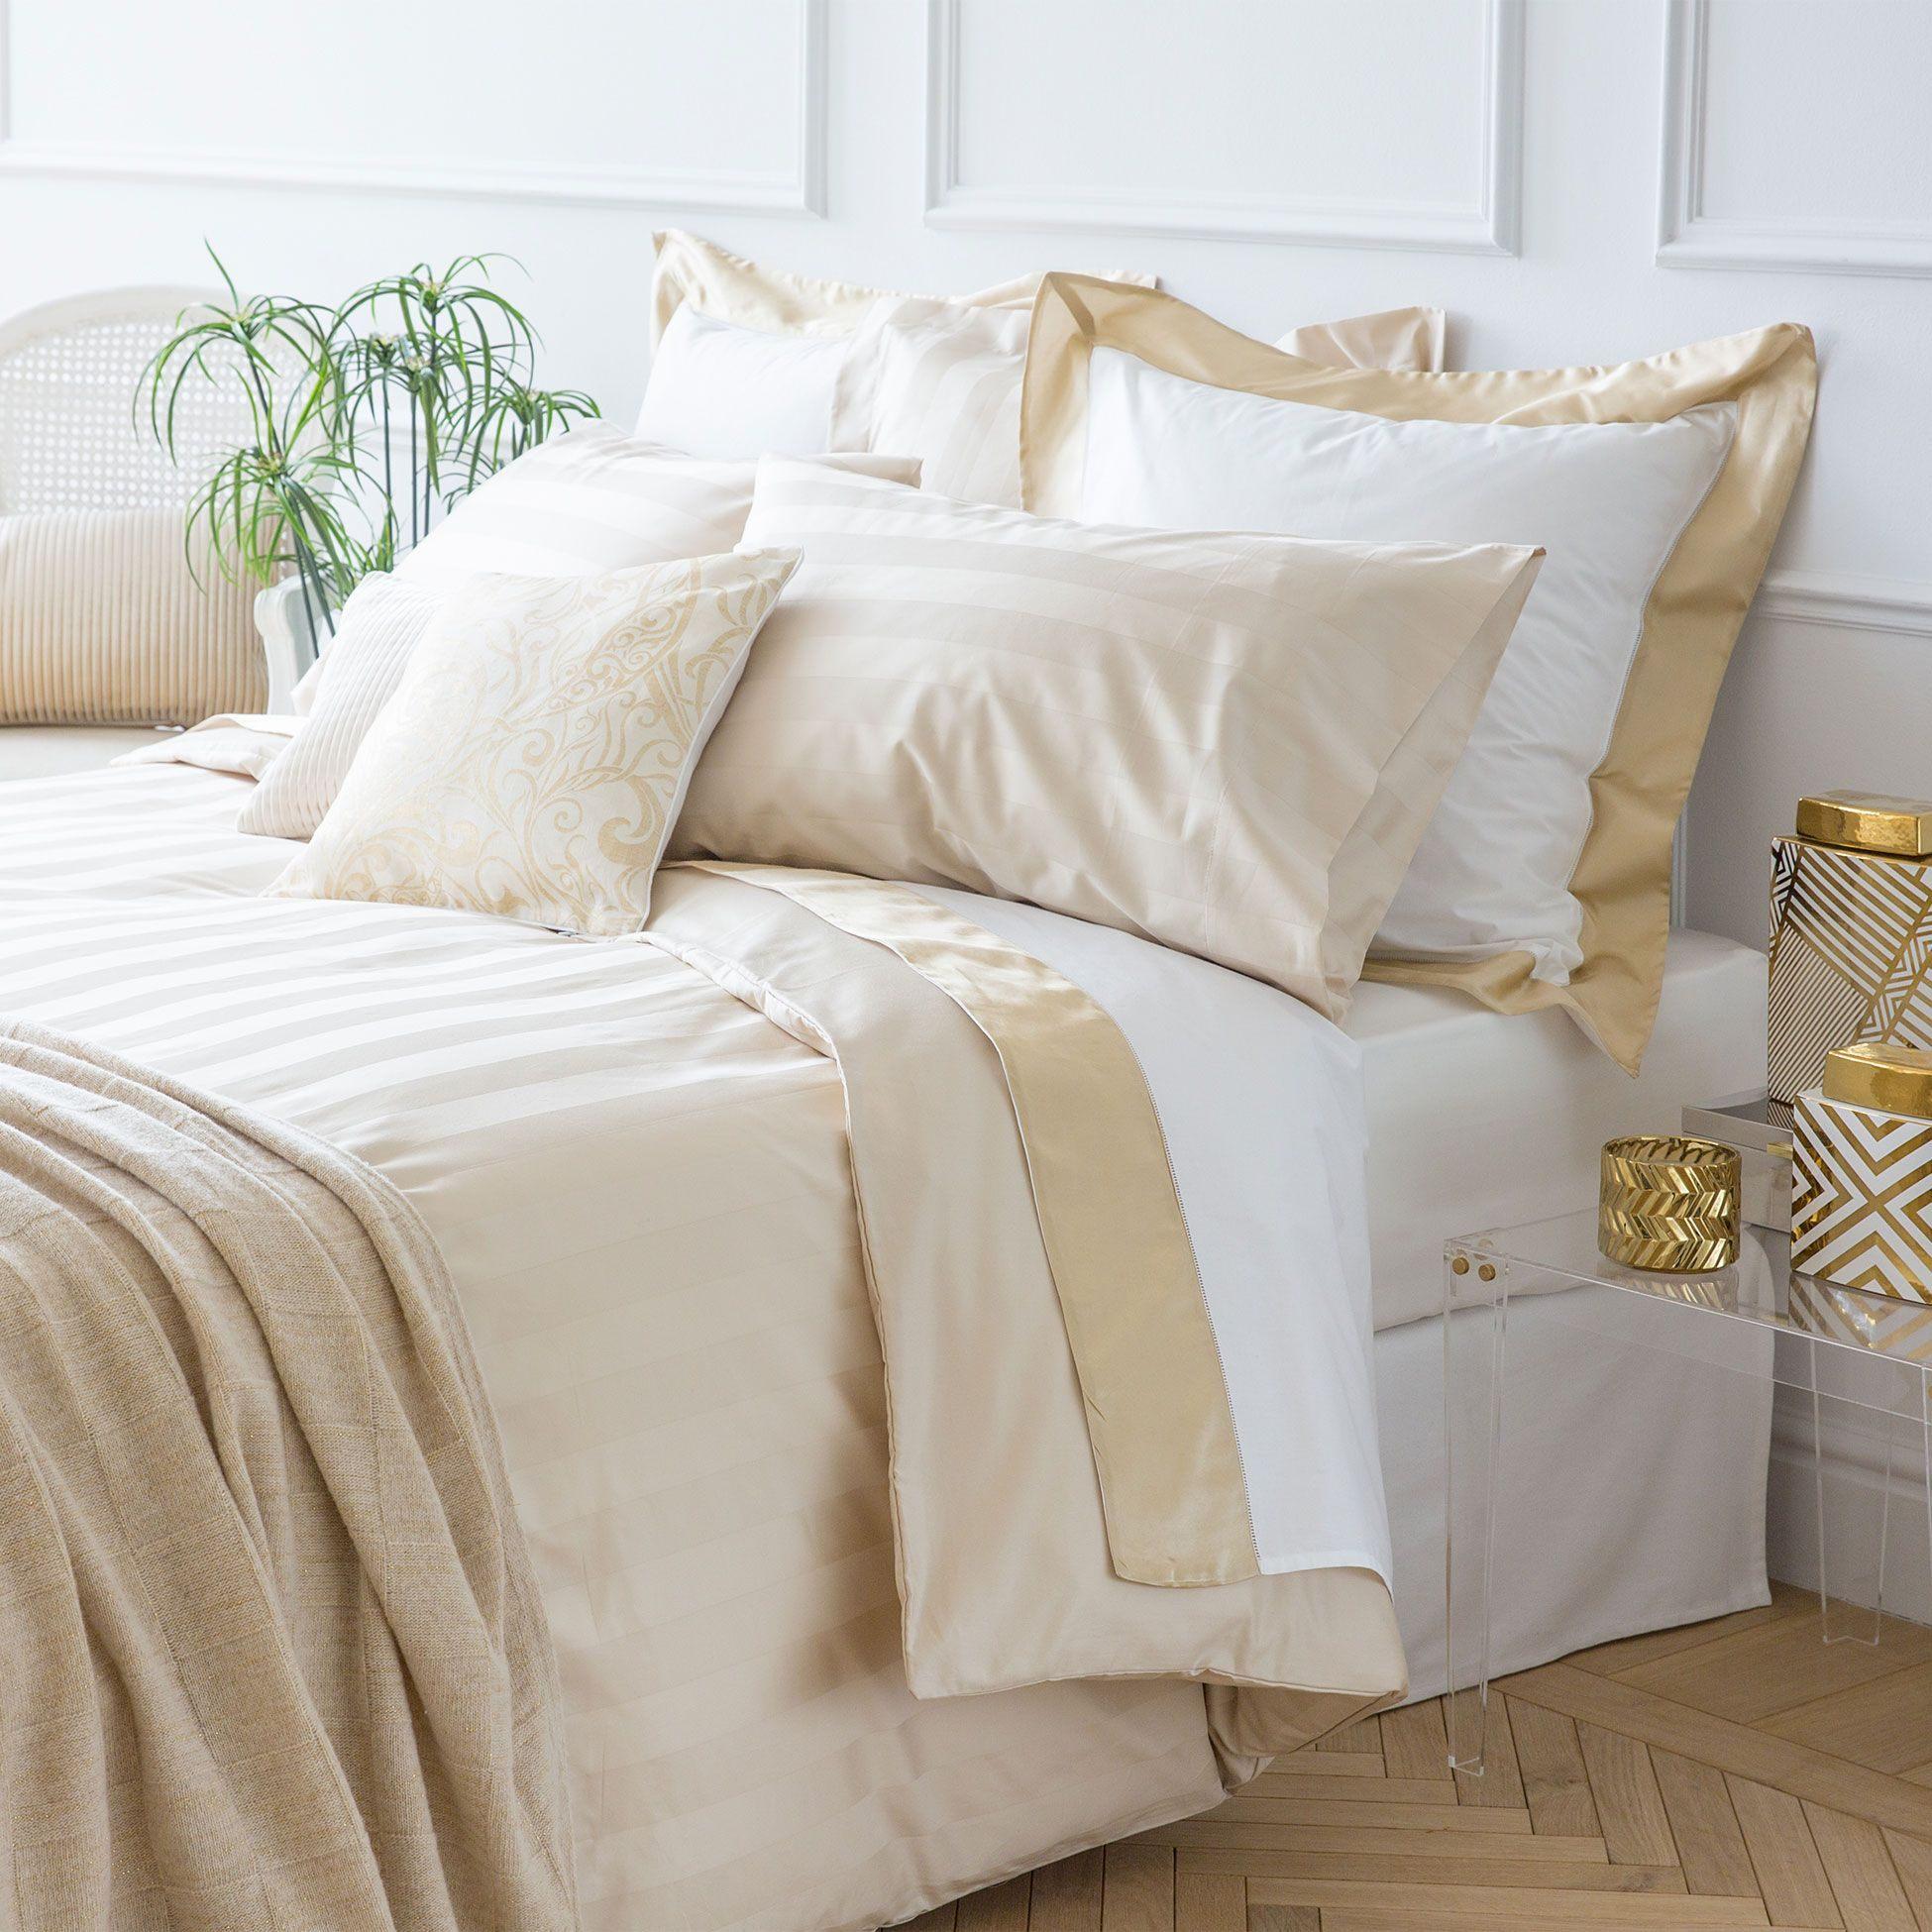 Zara Home Linge De Lit Inspirant Satin Jacquard Bedding Bedding Bedroom